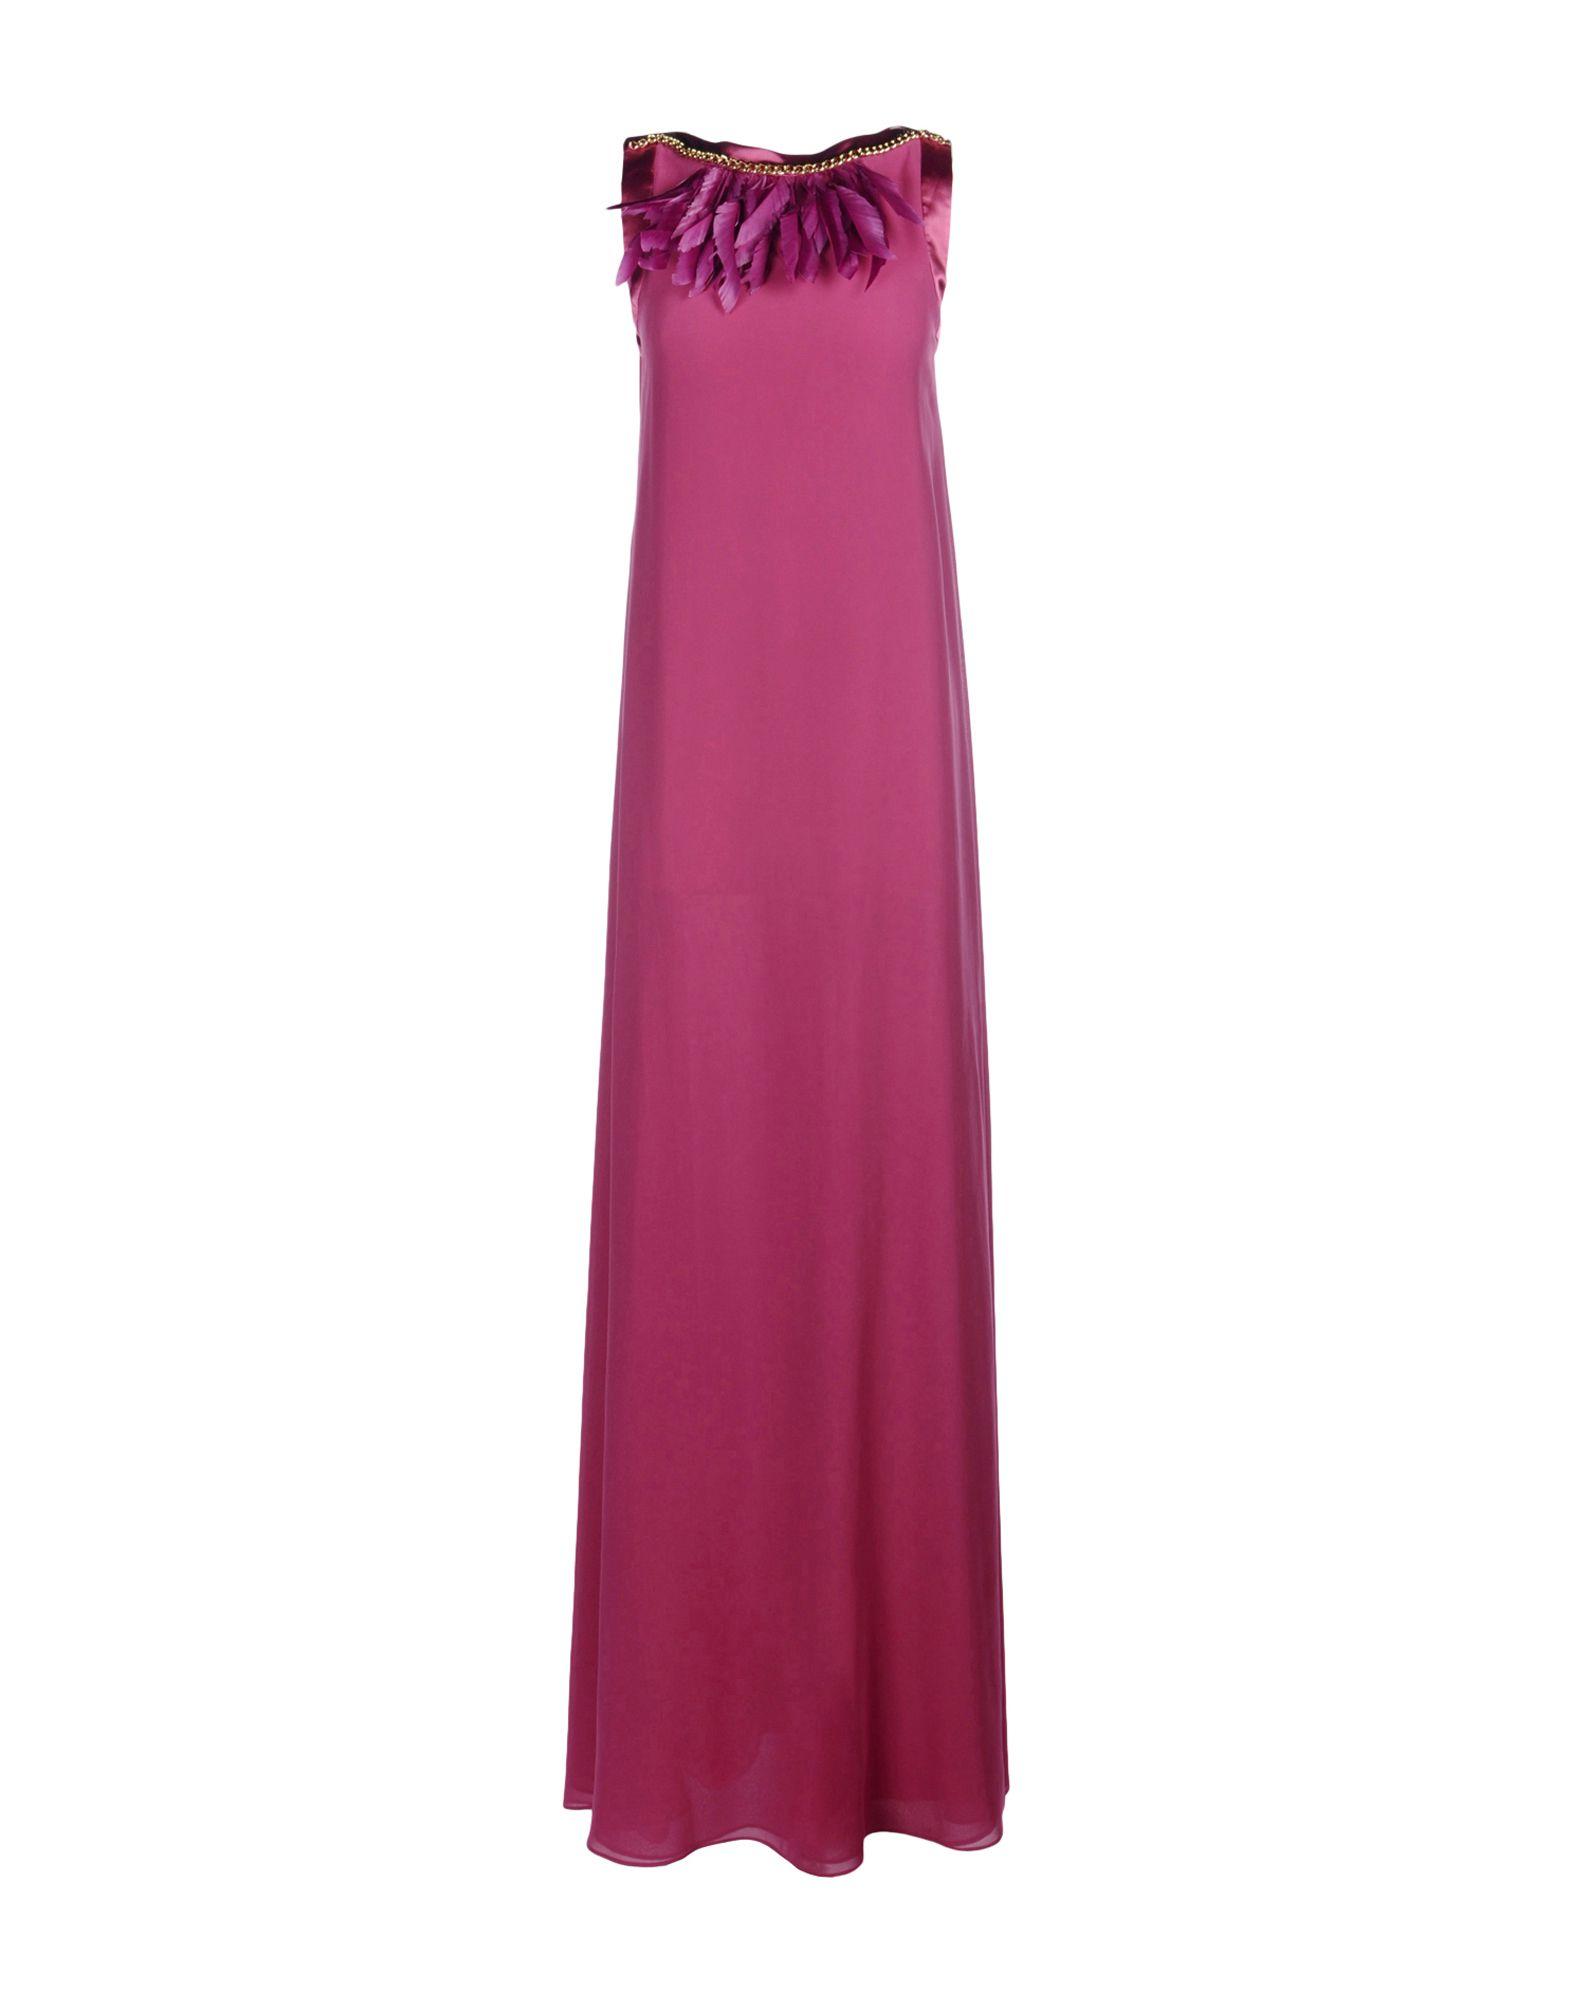 LES COCKTAILS DE LIU •JO Длинное платье les cocktails de liu •jo длинное платье